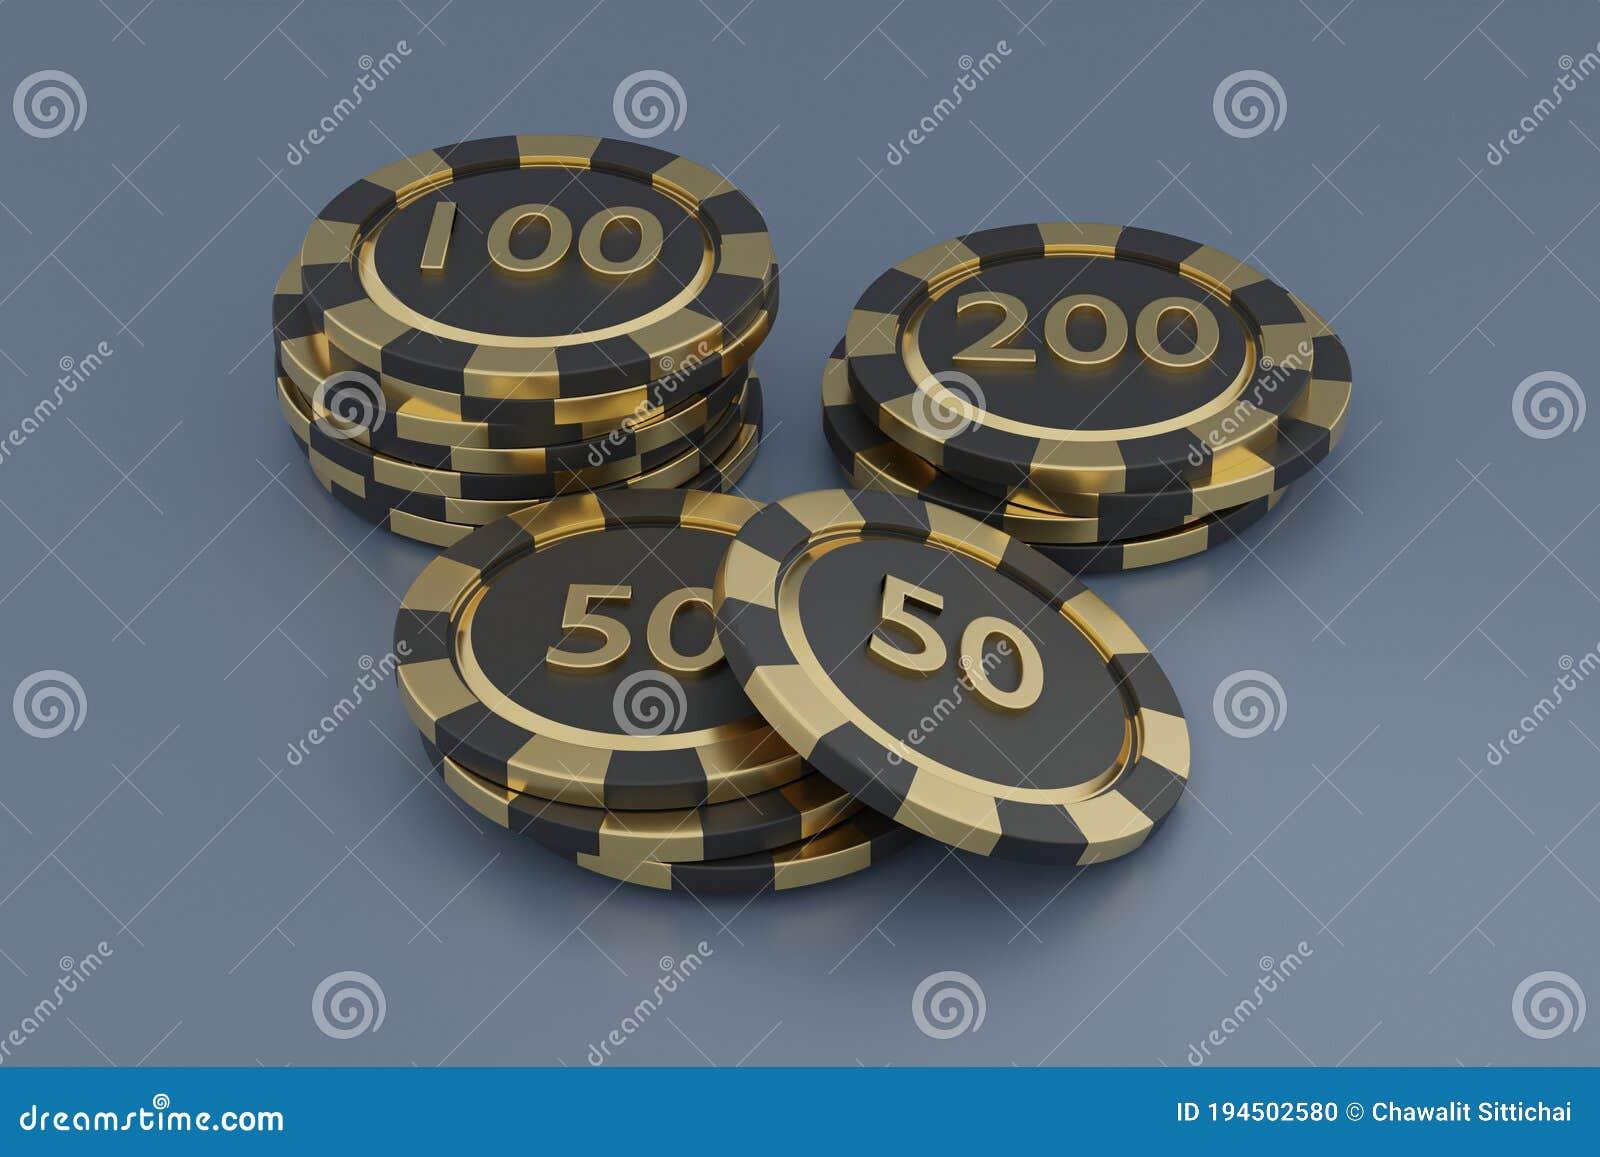 Goldencasino Com Online Casino